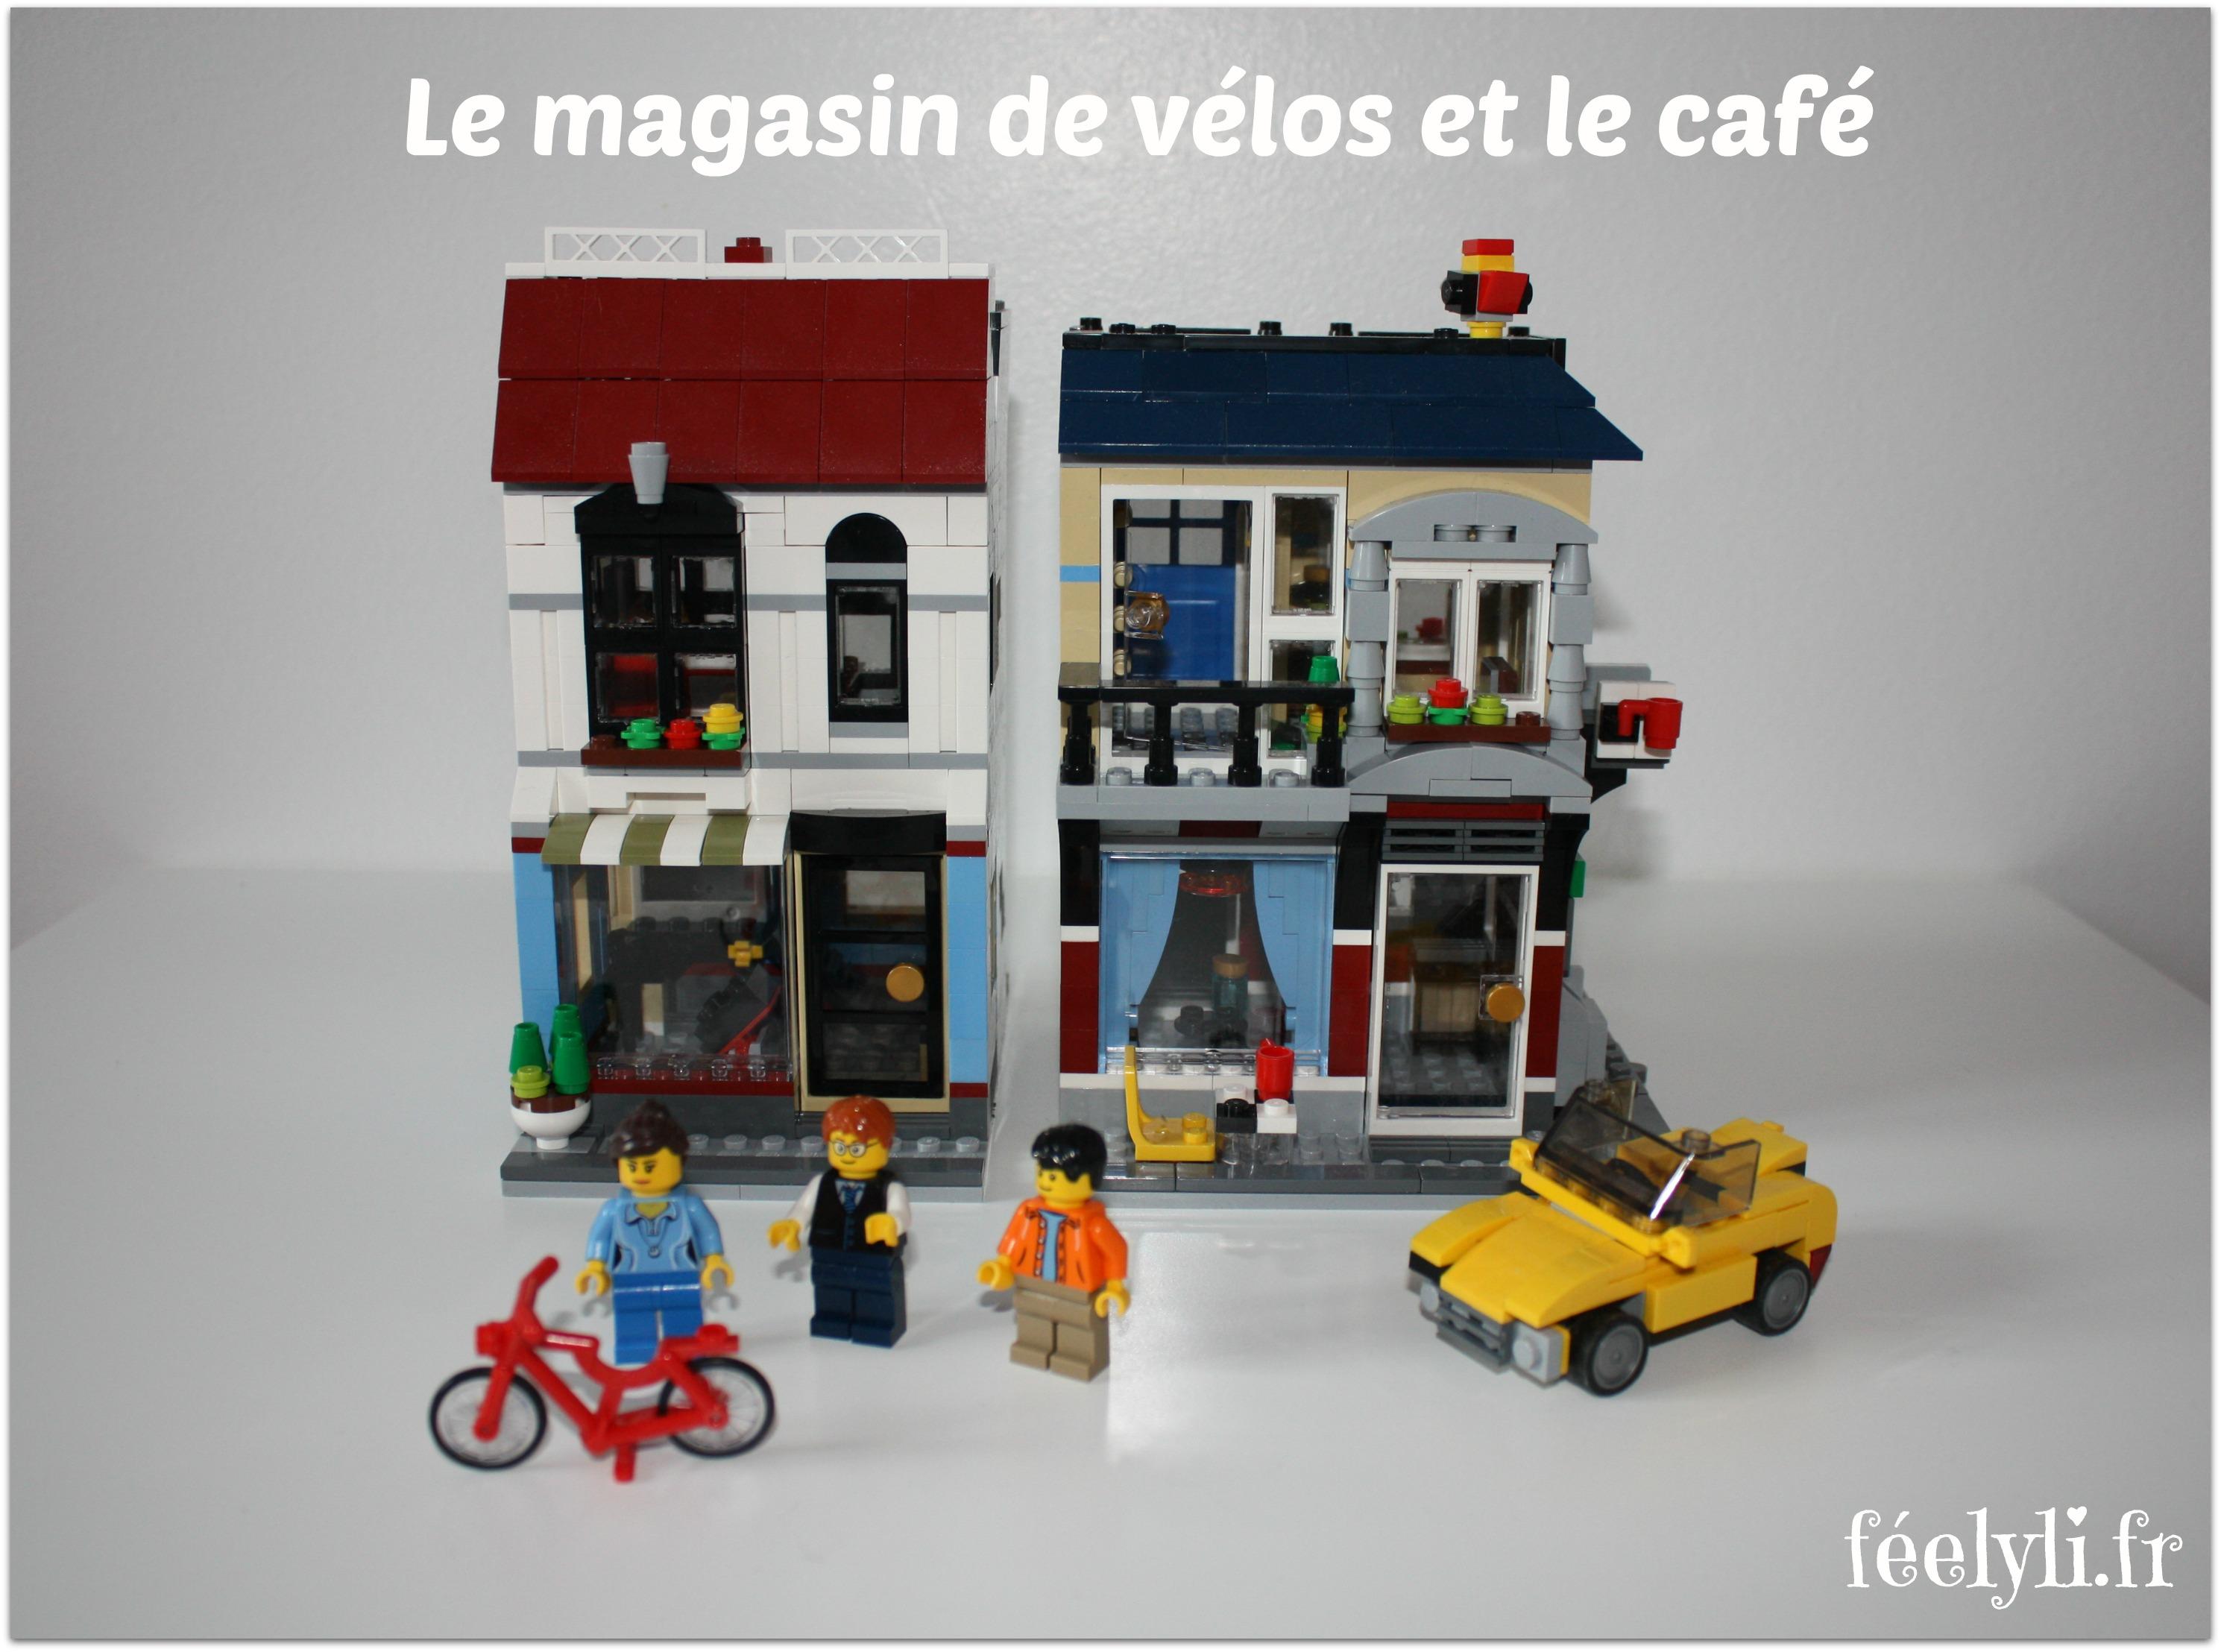 magasin de vélos et café lego